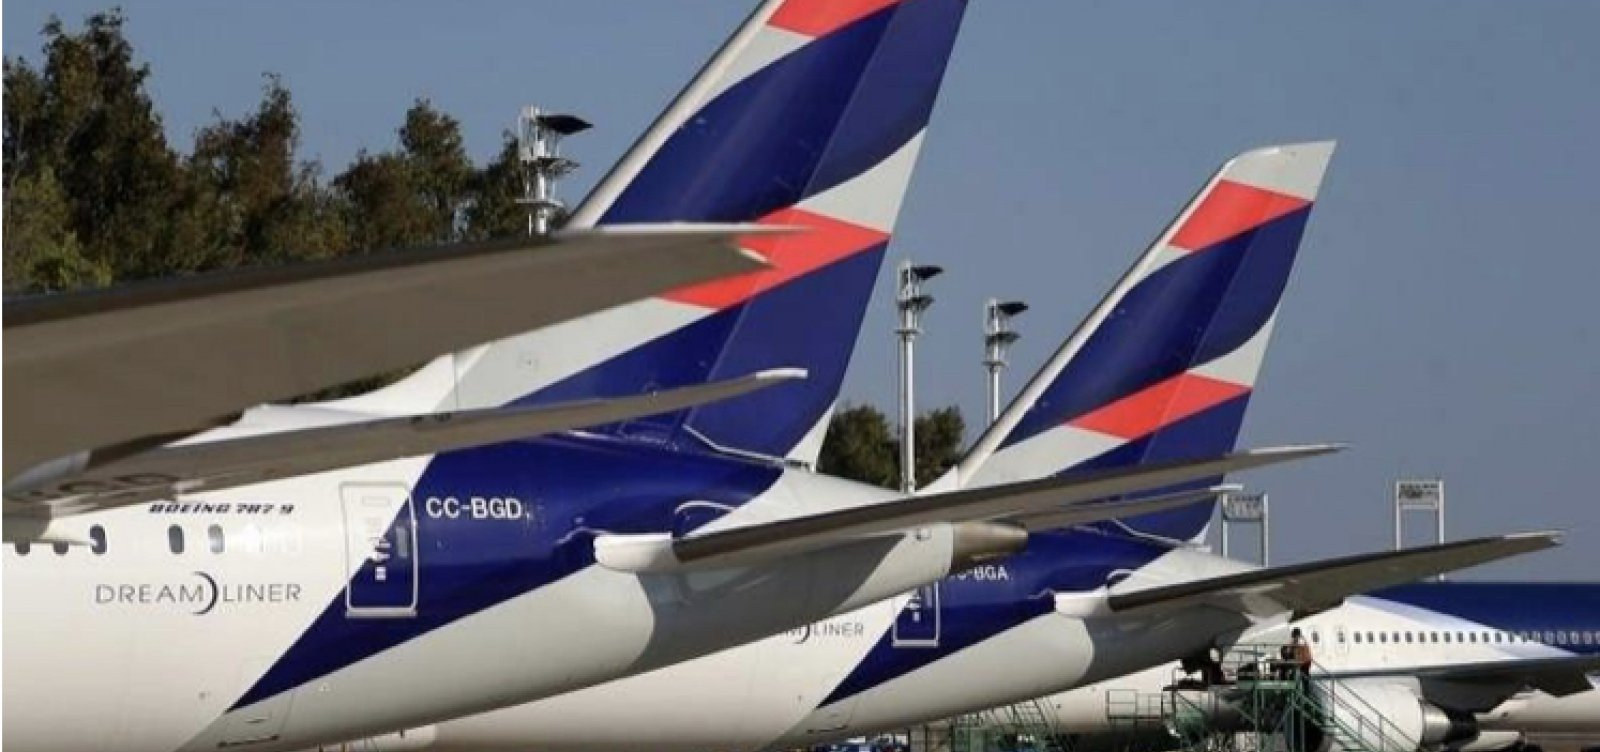 [Latam Airlines anuncia três novos voos internacionais partindo de Brasília]